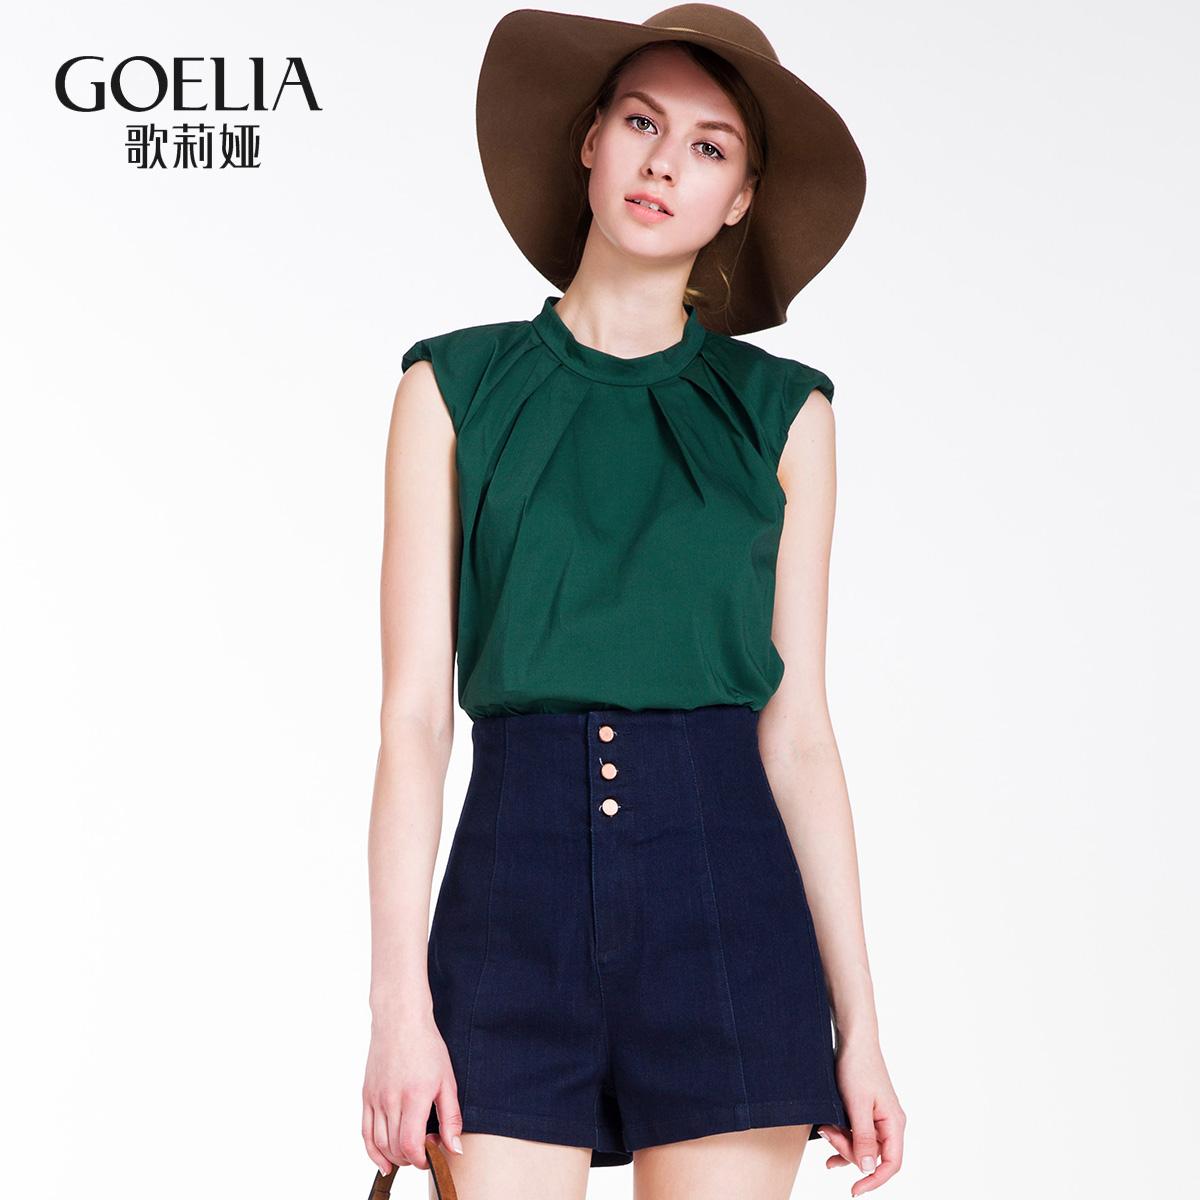 歌莉娅女装 歌莉娅女装 小立领梭织衫167C3A040_推荐淘宝好看的歌莉娅